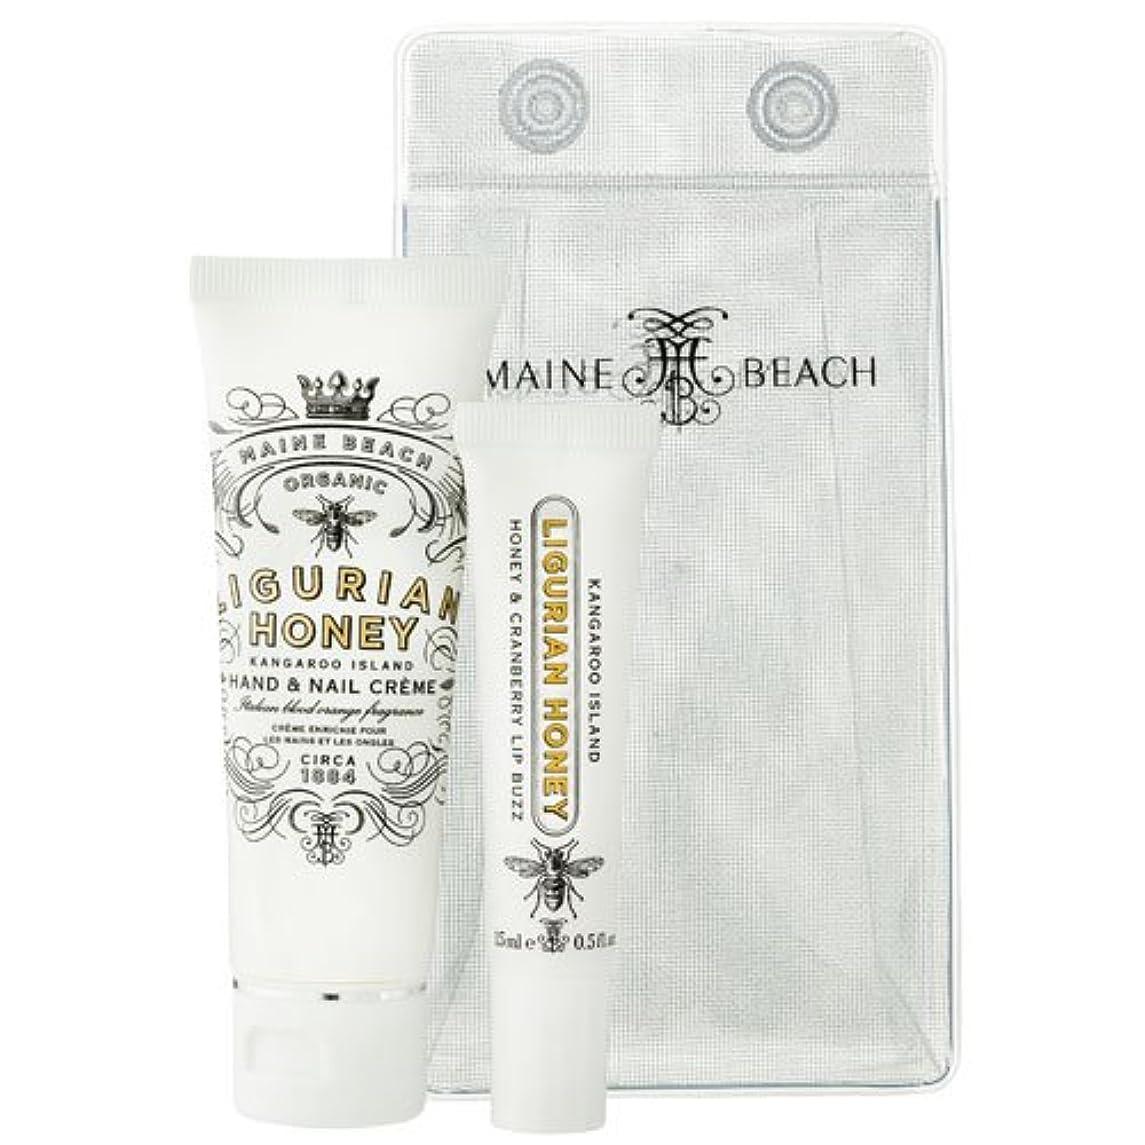 重力患者艶MAINE BEACH マインビーチ リグリアンハニーシリーズ  Essentials DUO Pack エッセンシャル デュオ パック